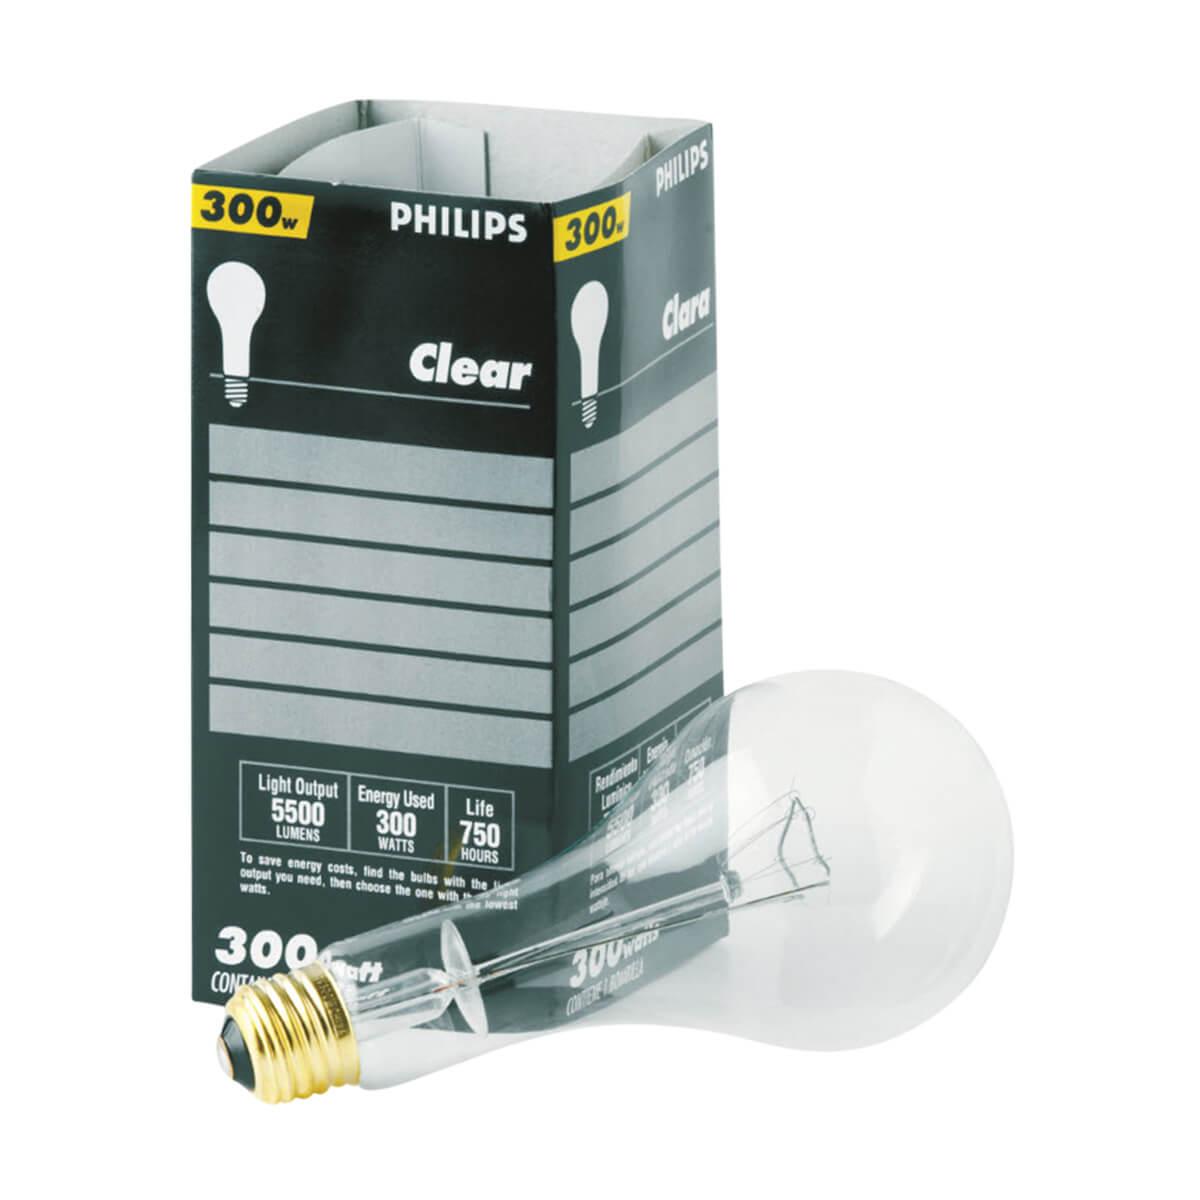 Phillips 300W Light Bulb